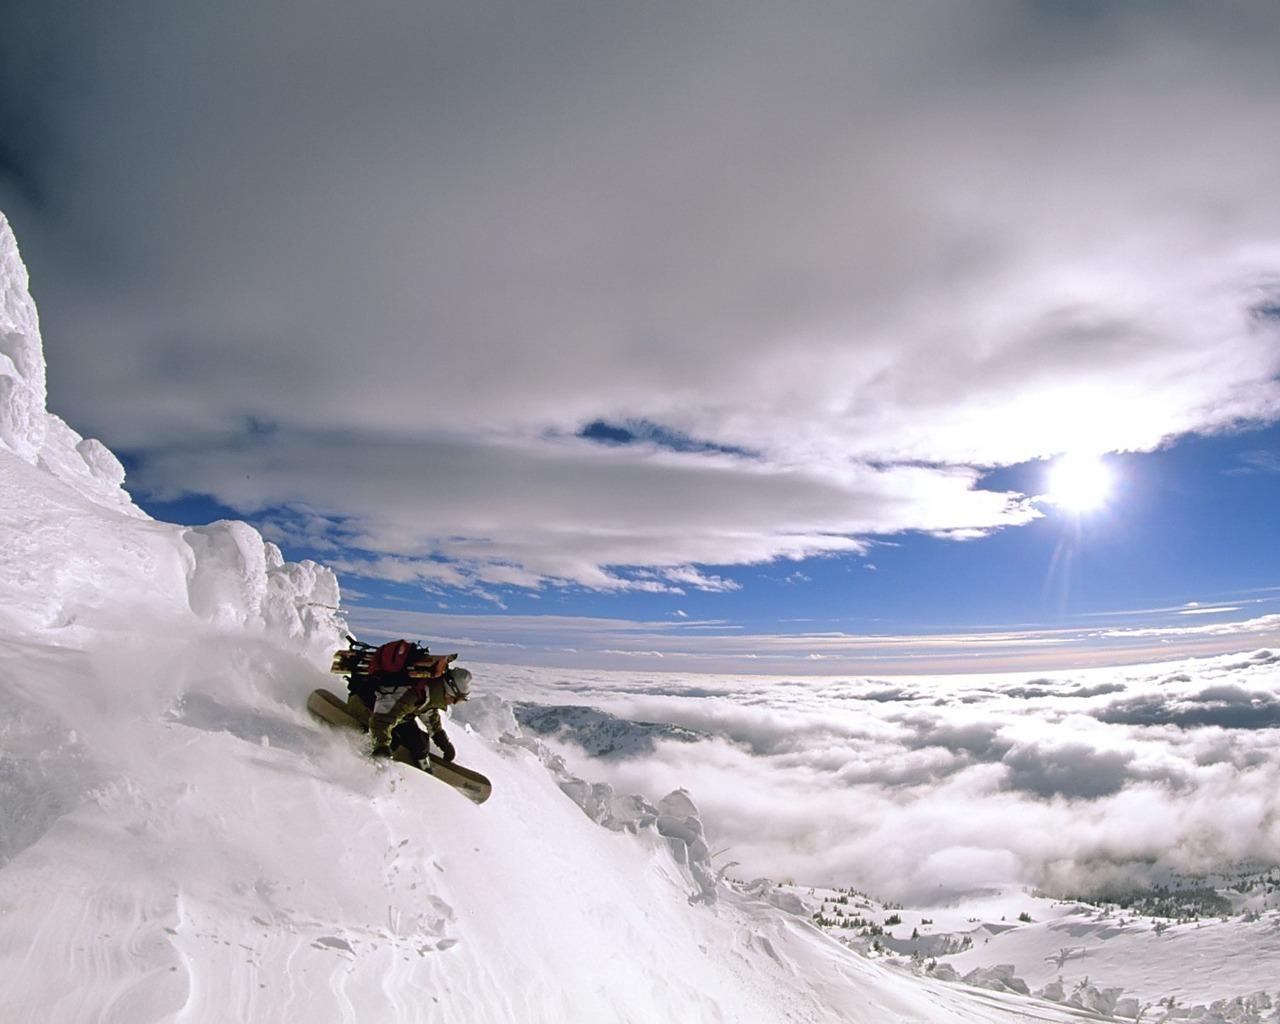 http://4.bp.blogspot.com/-Lw0-0h8TIGQ/TuImkfJ4HqI/AAAAAAAABjo/sI8G-uI8zcQ/s1600/Sport_Snowboarding_018195_.jpg